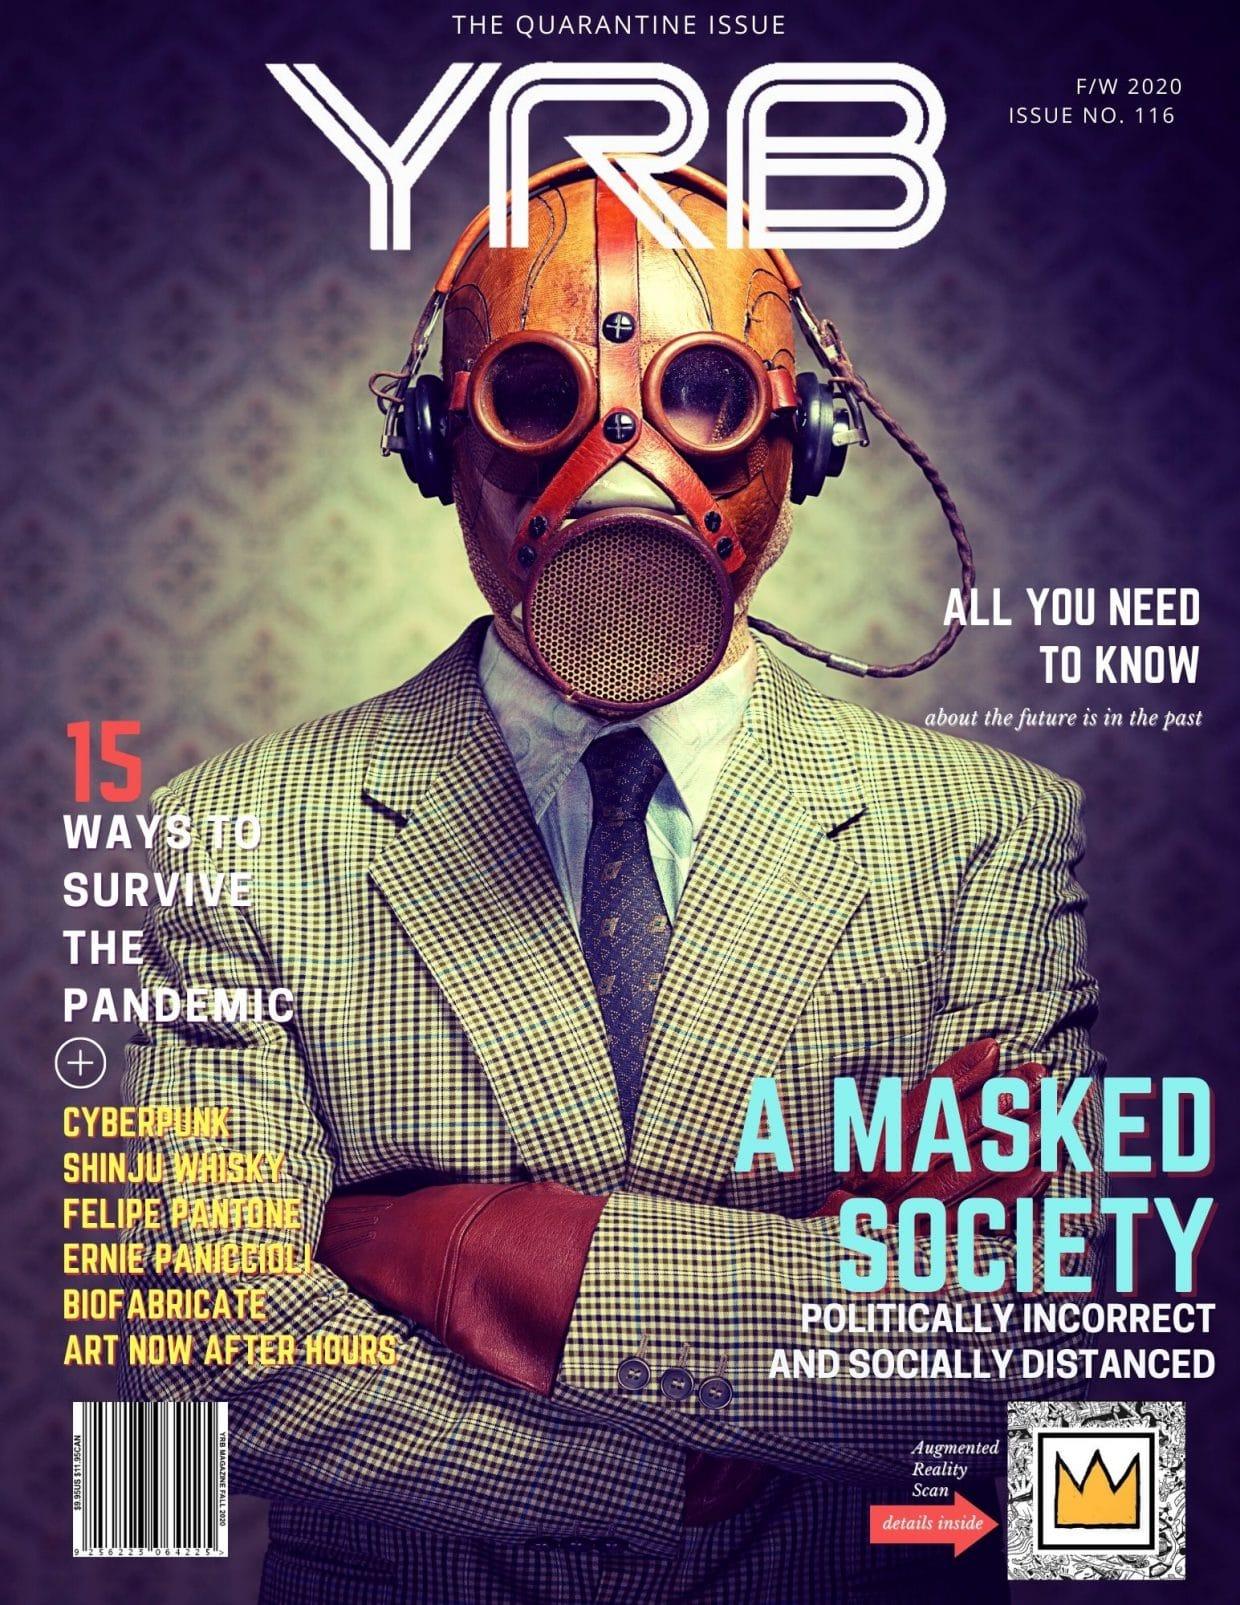 YRB Magazine - Fall 2020 - The Quarantine Issue 1